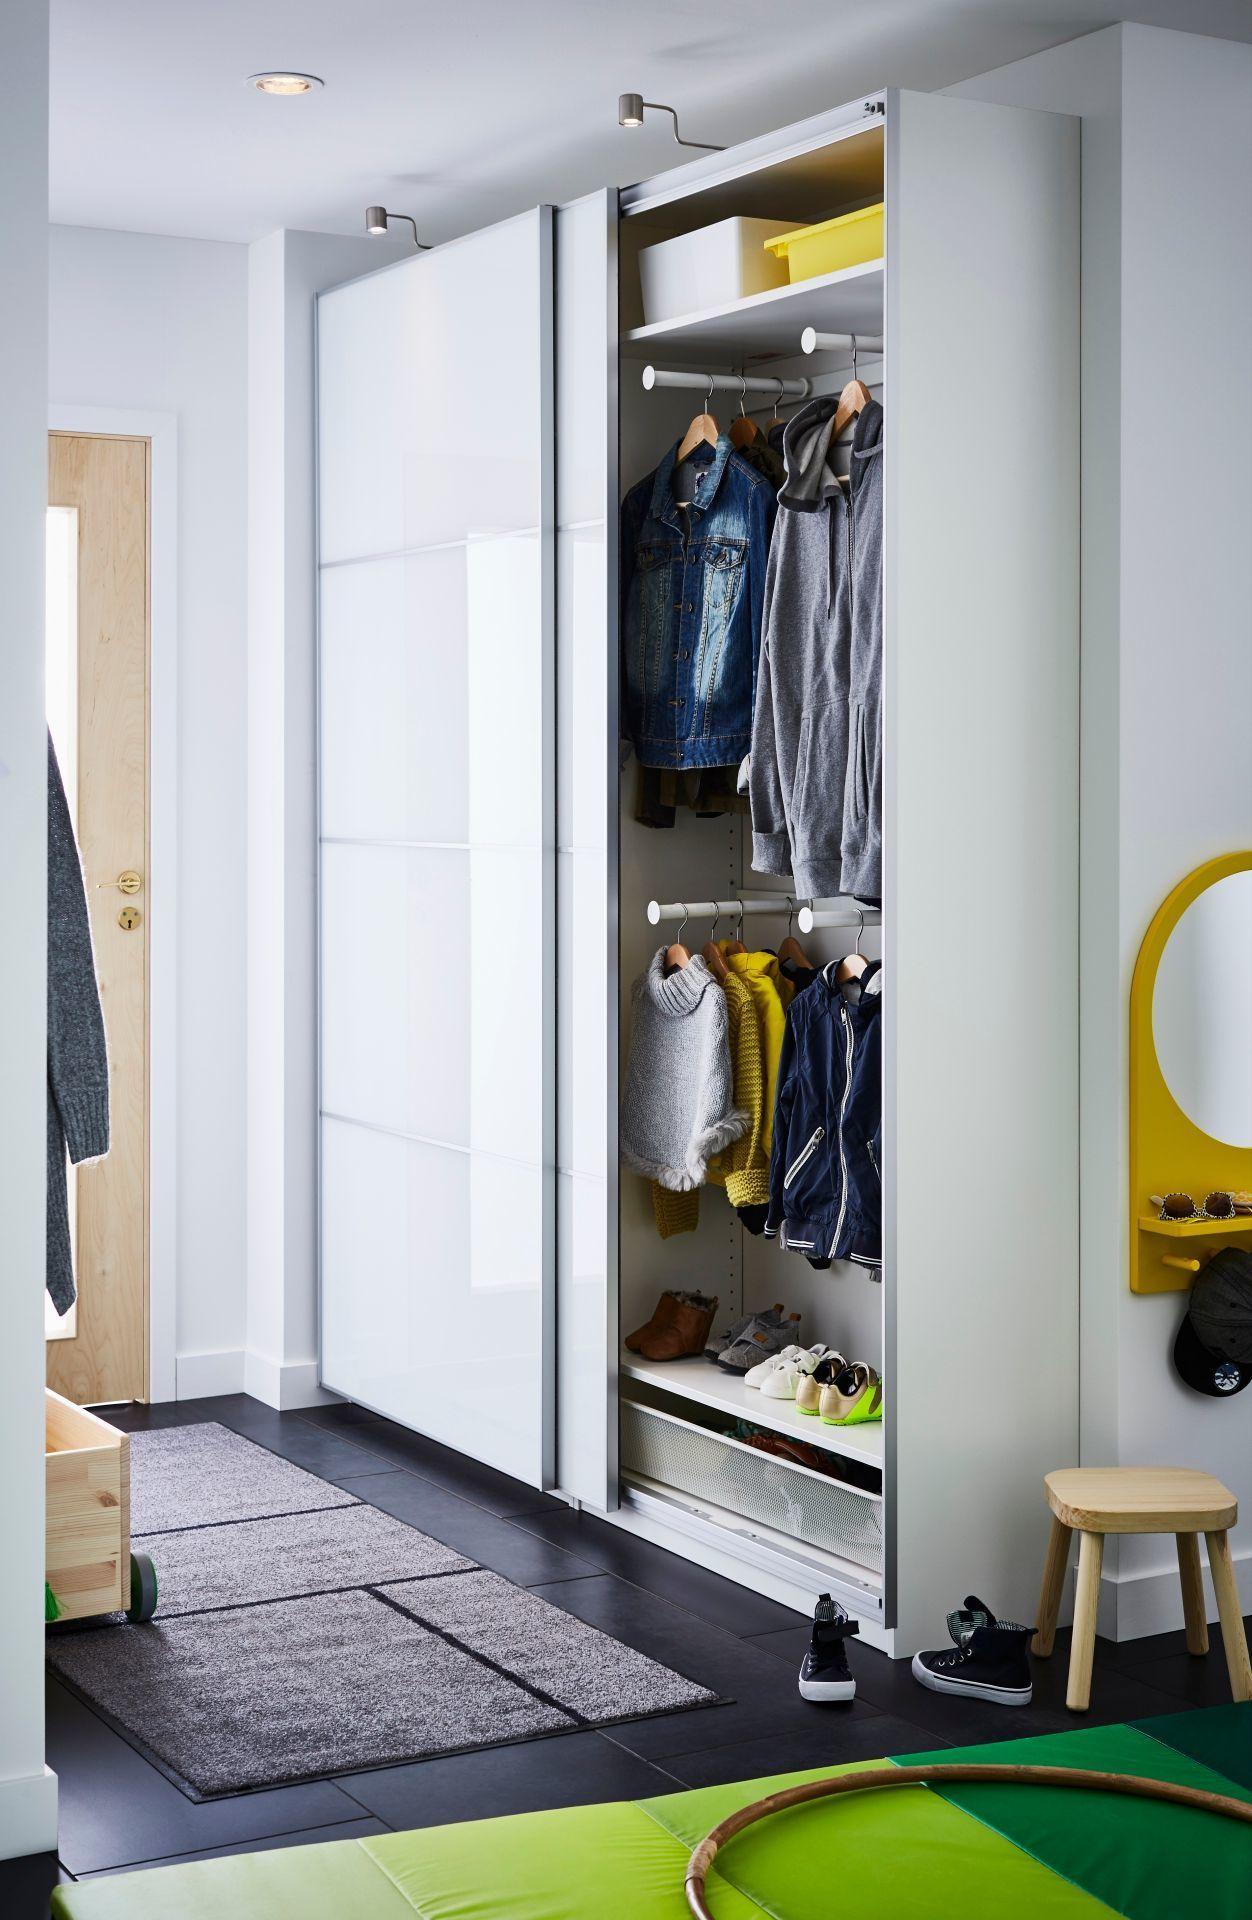 Portes Coulissantes Selection Produits Porte Coulissante Ikea Ikea Penderie Pax Porte Coulissante